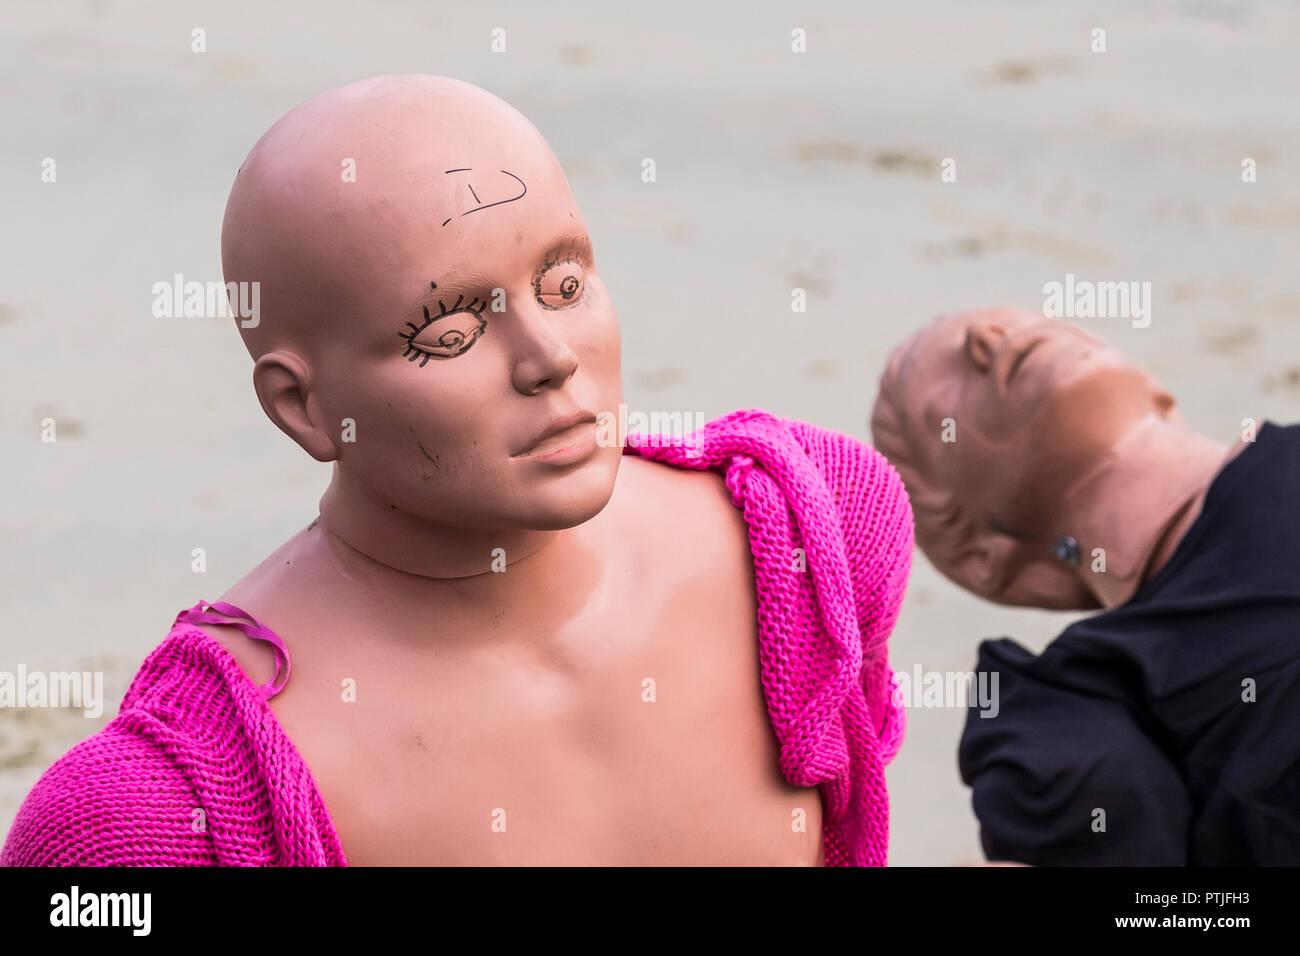 Manichini in attesa di essere utilizzati in un GMICE buona medicina in ambienti impegnativi grave incidente esercizio in Newquay Harbour in Cornovaglia. Immagini Stock